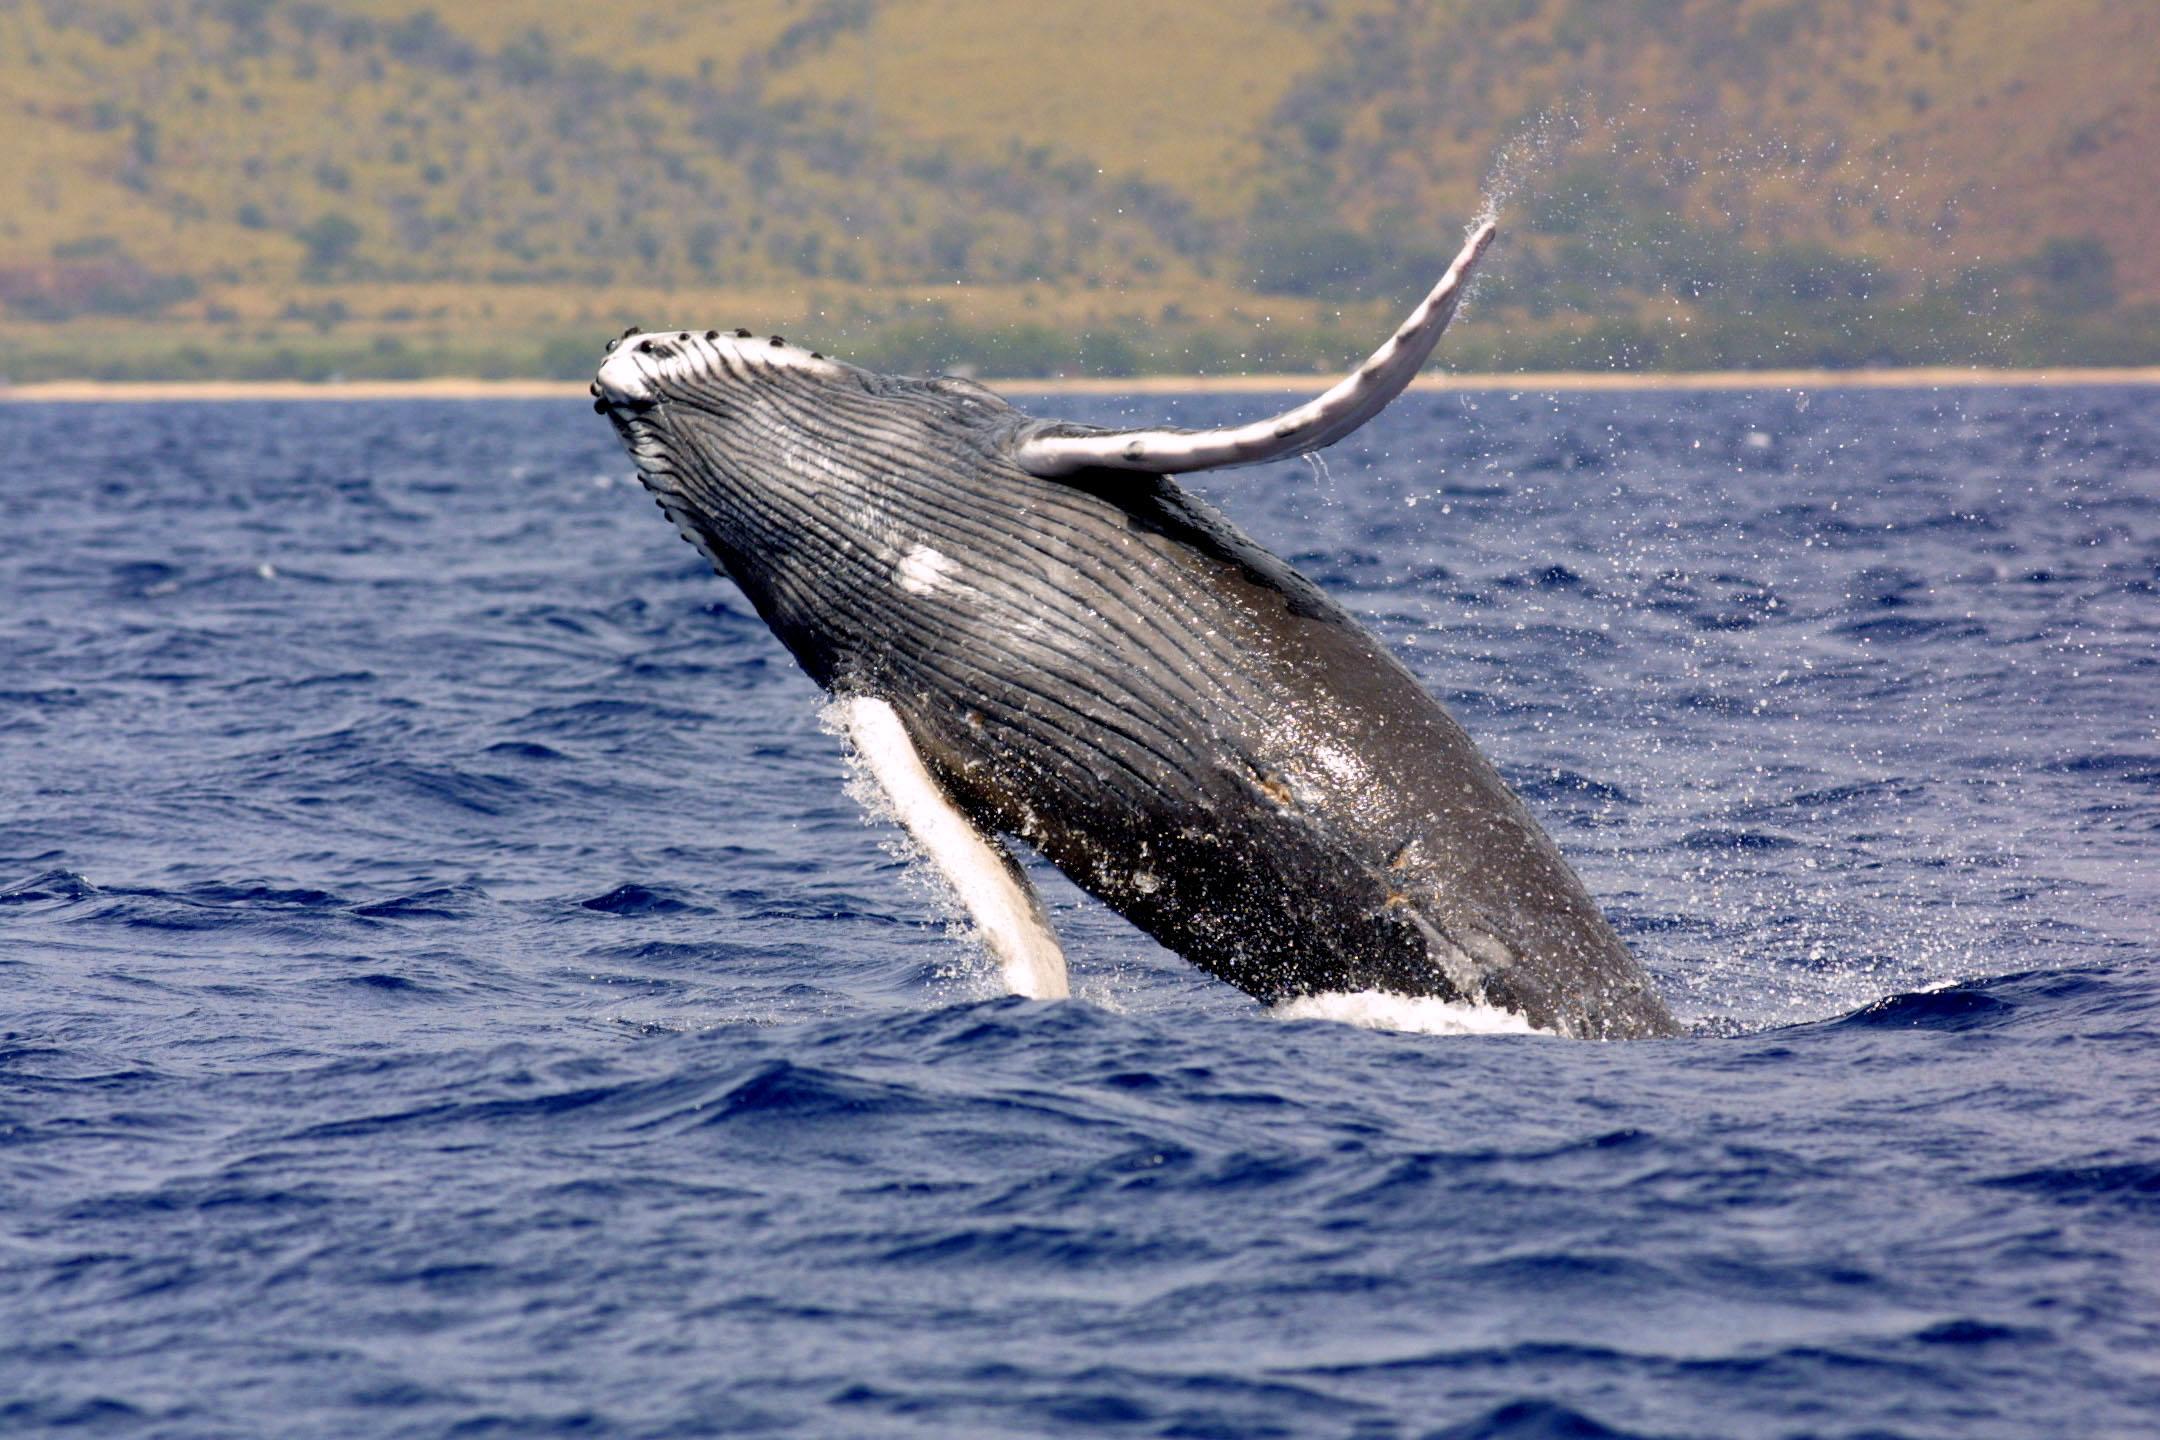 humpbackwhale noaa largejpg 2160x1440